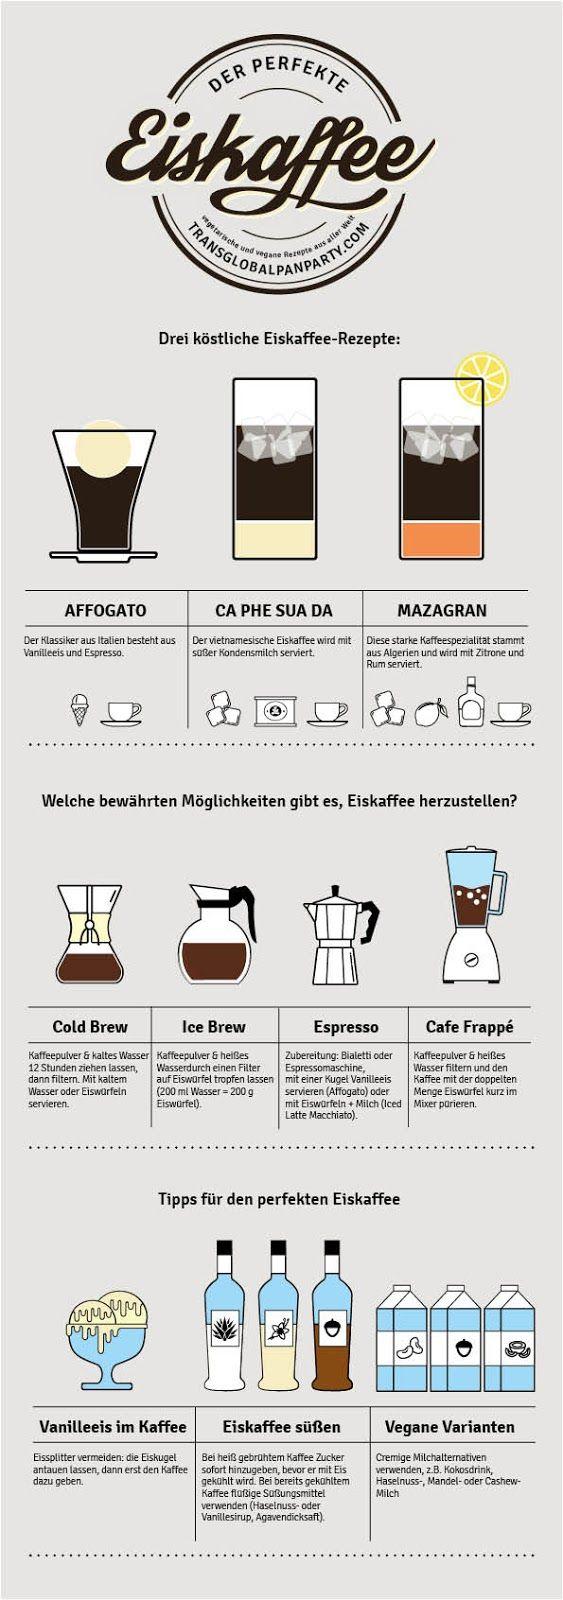 Der perfekte Eiskaffee Infografik - Affogato, Ca Phe Sua Da, Mazagran  Wie mache ich veganen Eiskaffee und vermeide Eissplitter im Vanilleeis?  (C) Klaus Ringelhann & Michaela Harfst